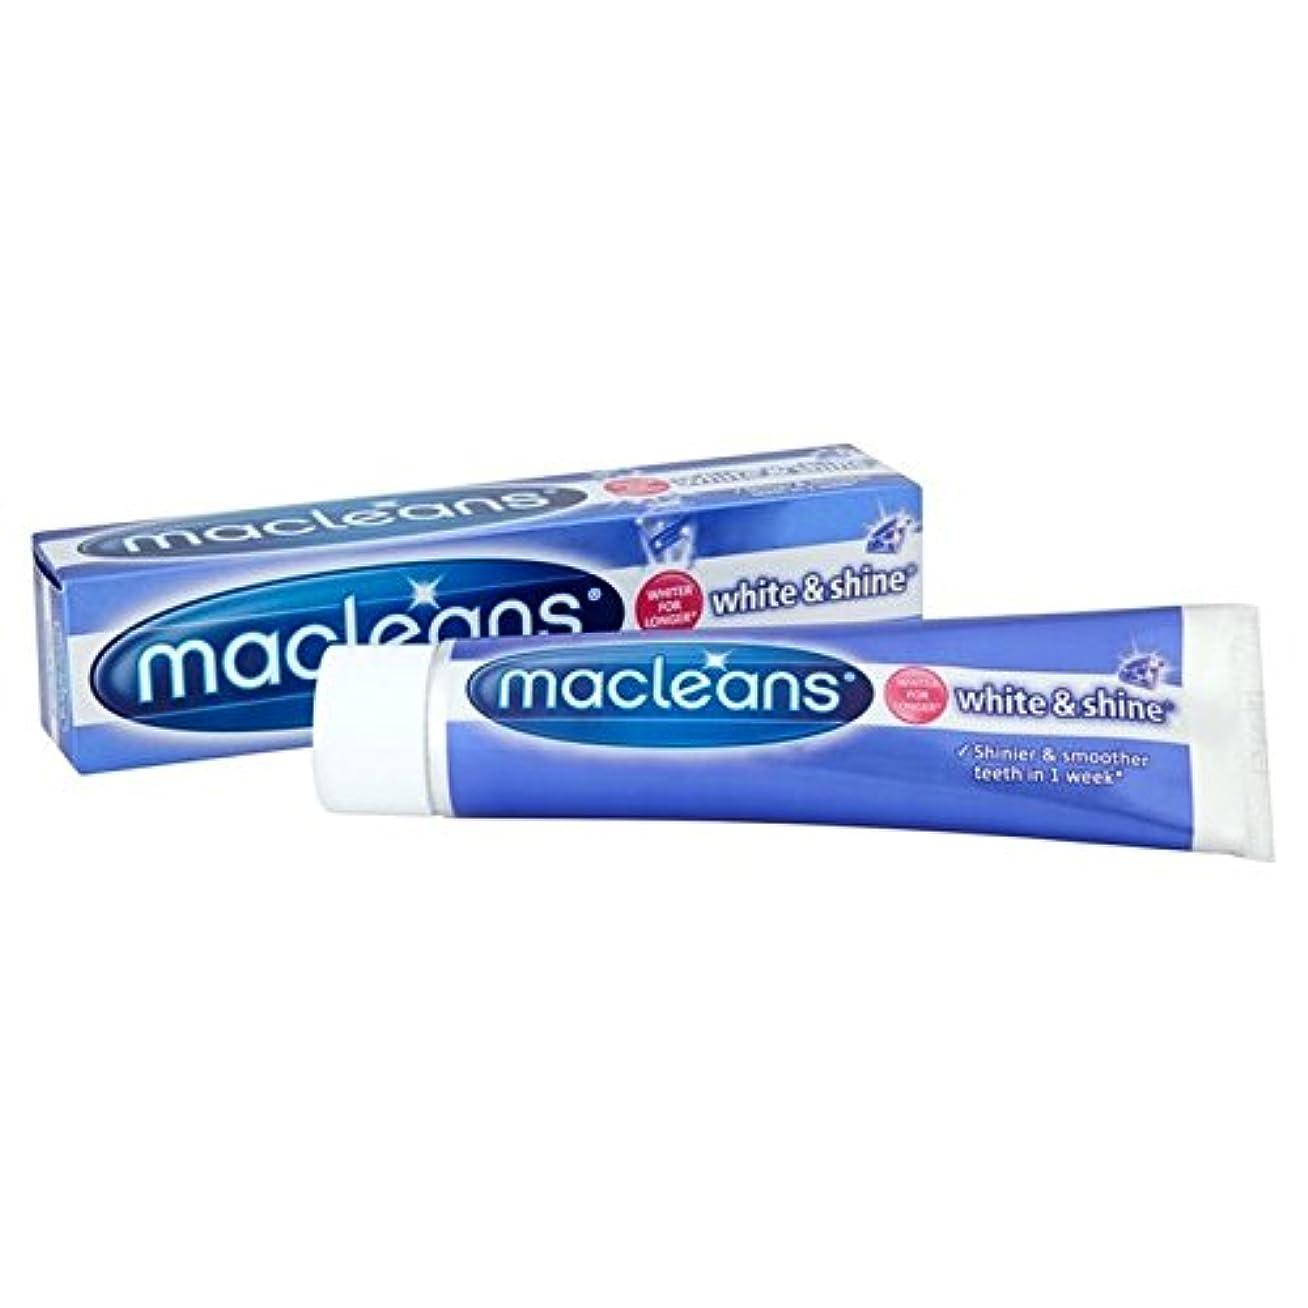 チョークフレームワーク宣伝'歯磨き粉の100ミリリットル x4 - Macleans White'n'shine Toothpaste 100ml (Pack of 4) [並行輸入品]